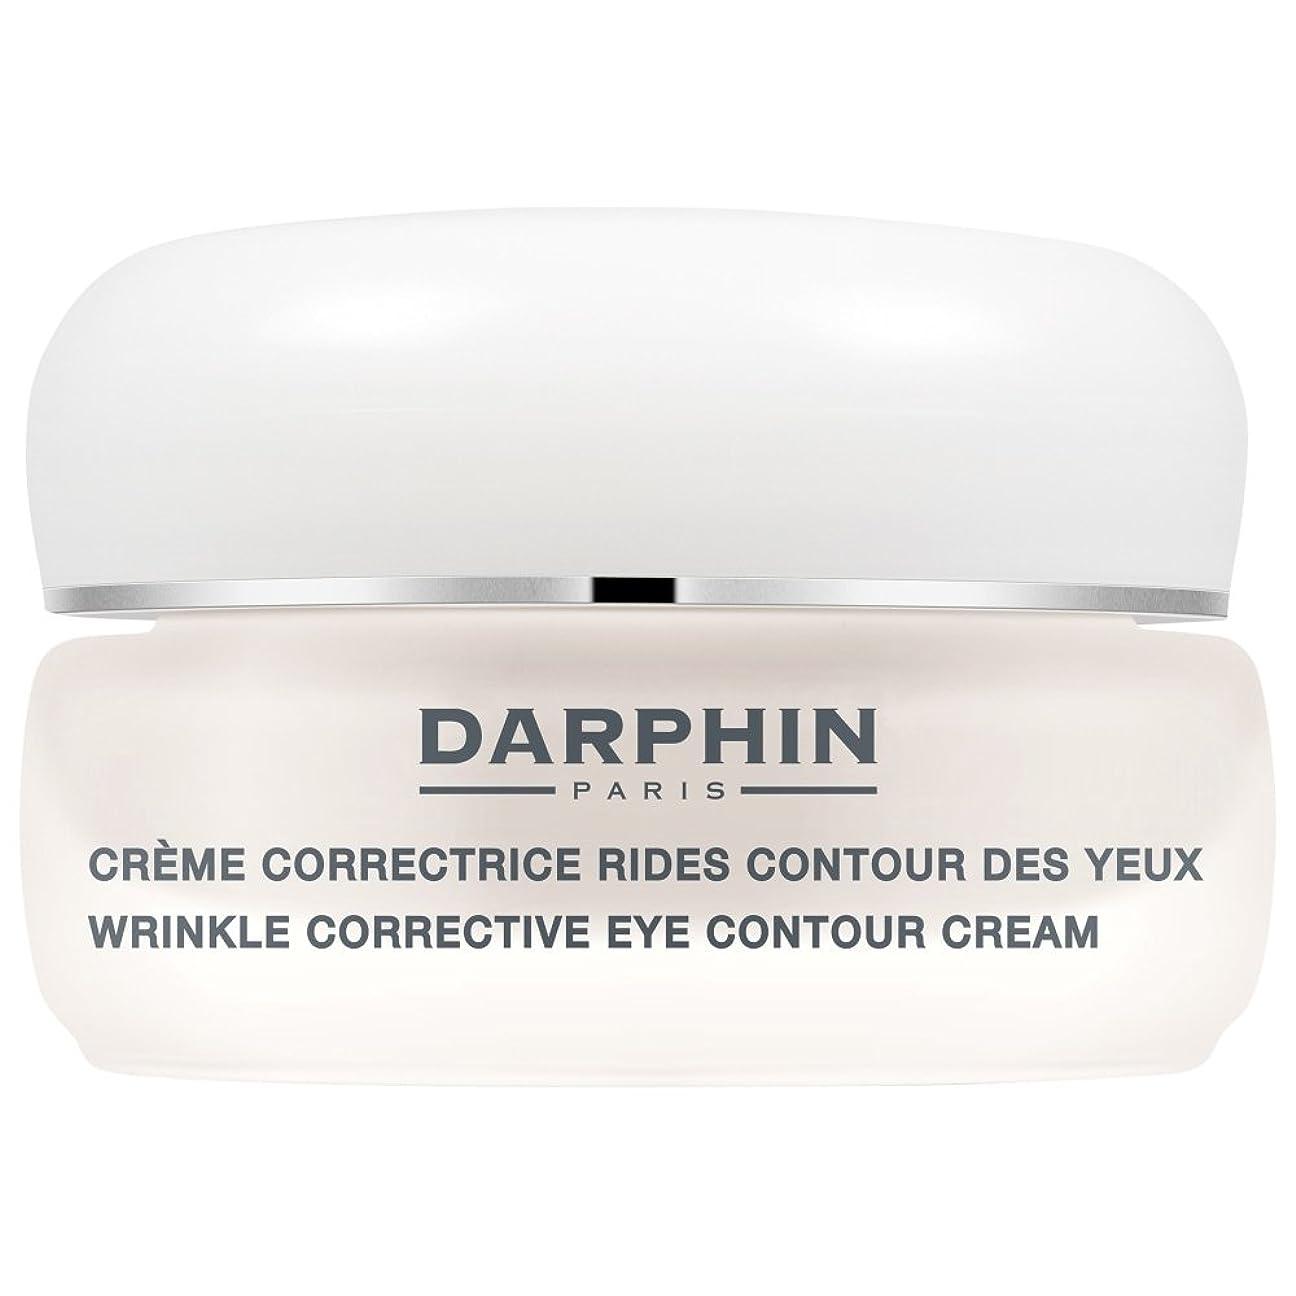 中絶債務小切手ダルファンのシワ矯正アイ輪郭クリーム15ミリリットル (Darphin) (x6) - Darphin Wrinkle Corrective Eye Contour Cream 15ml (Pack of 6) [並行輸入品]